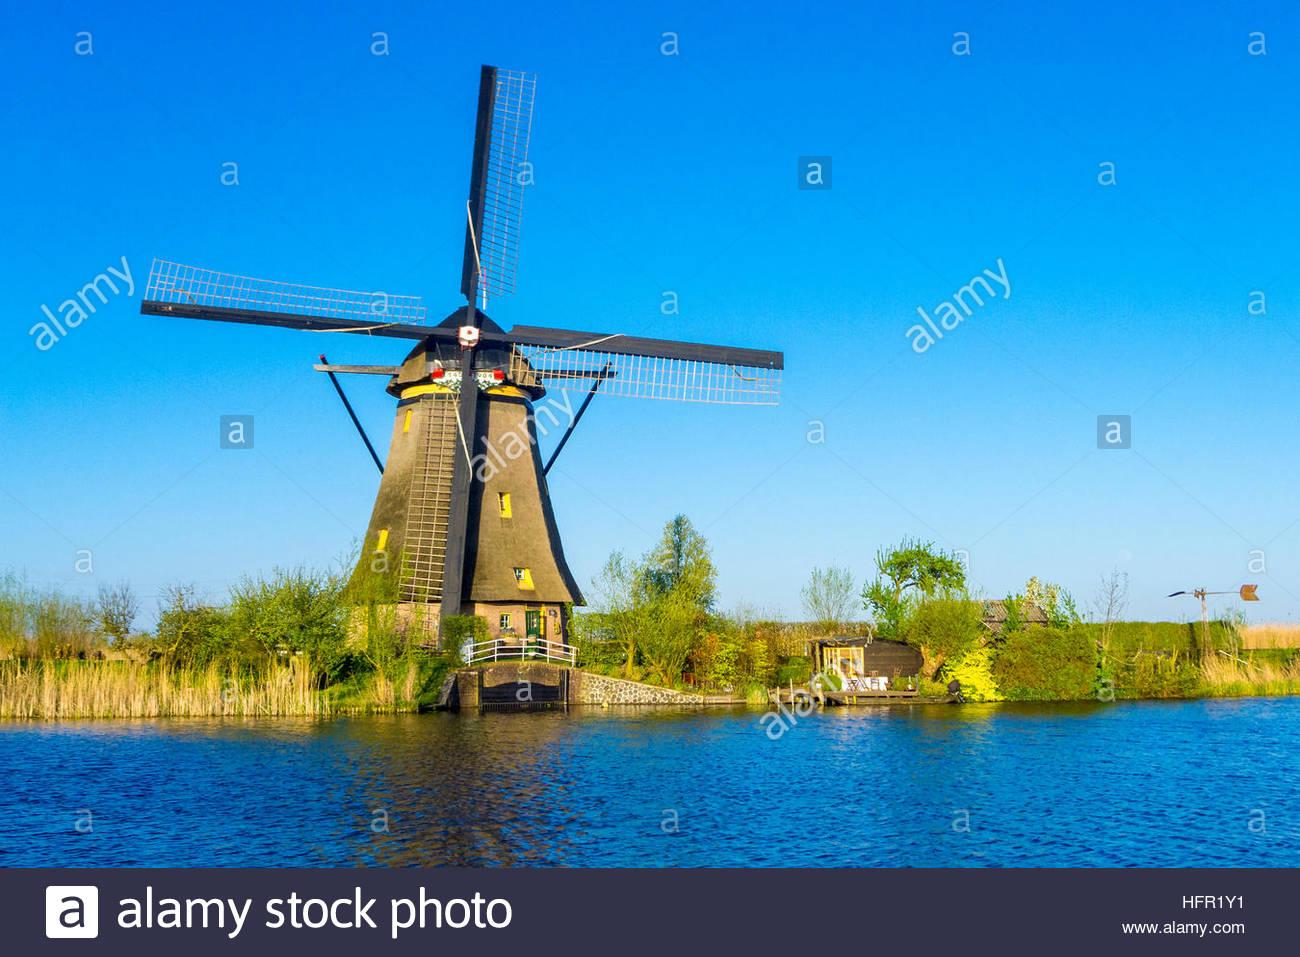 Niederlande, Südholland, Kinderdijk. Historischen holländischen Windmühlen auf den Poldern, UNESCO Stockbild